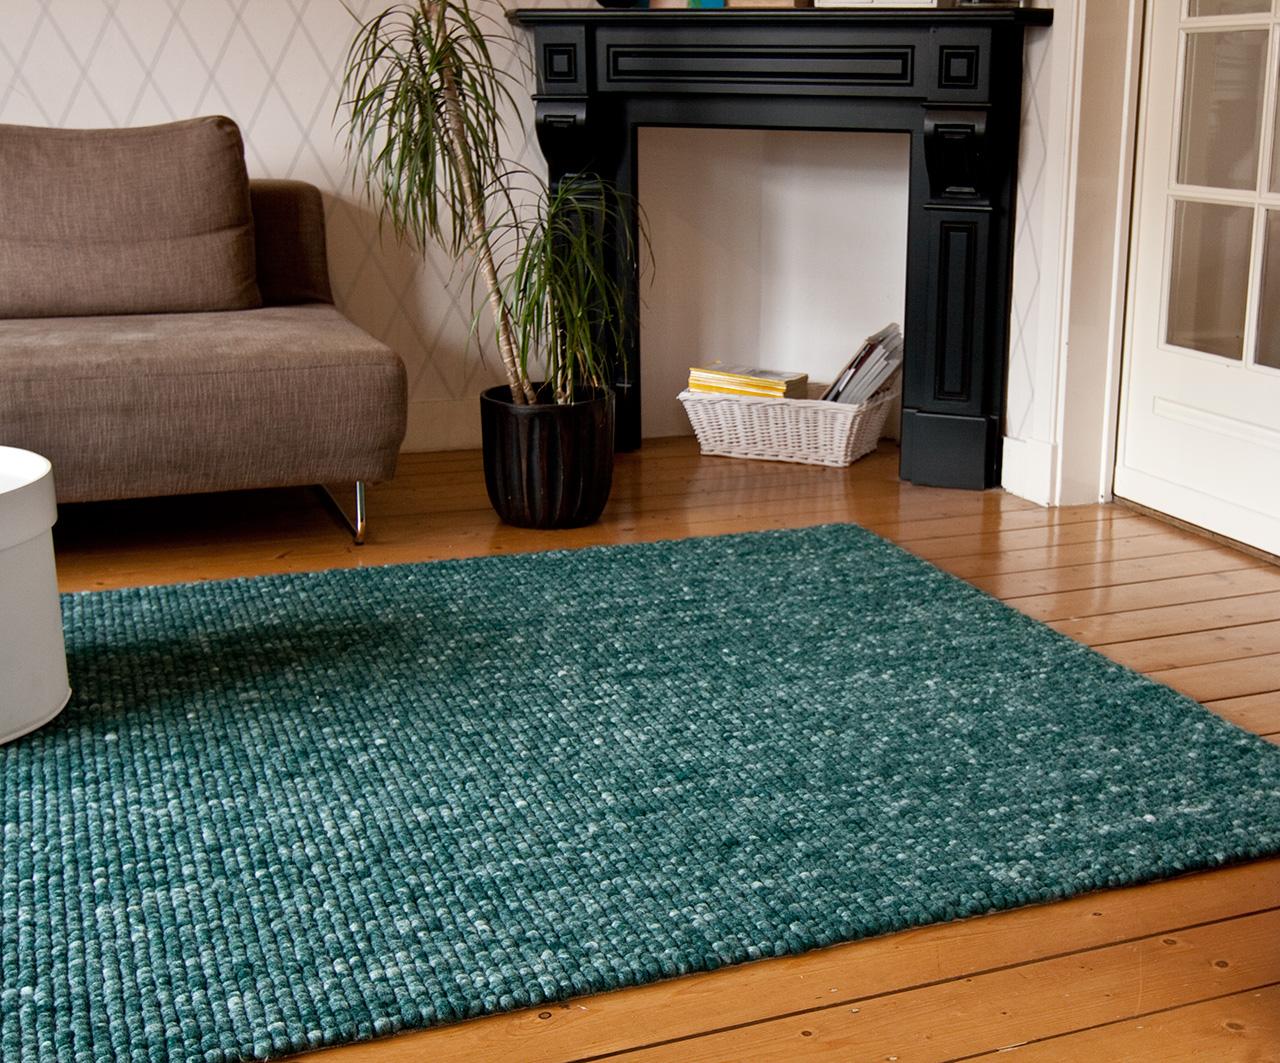 Berber Tapijt Ikea : Kelim tapijt ikea great zuiver vloerkleed with kelim tapijt ikea